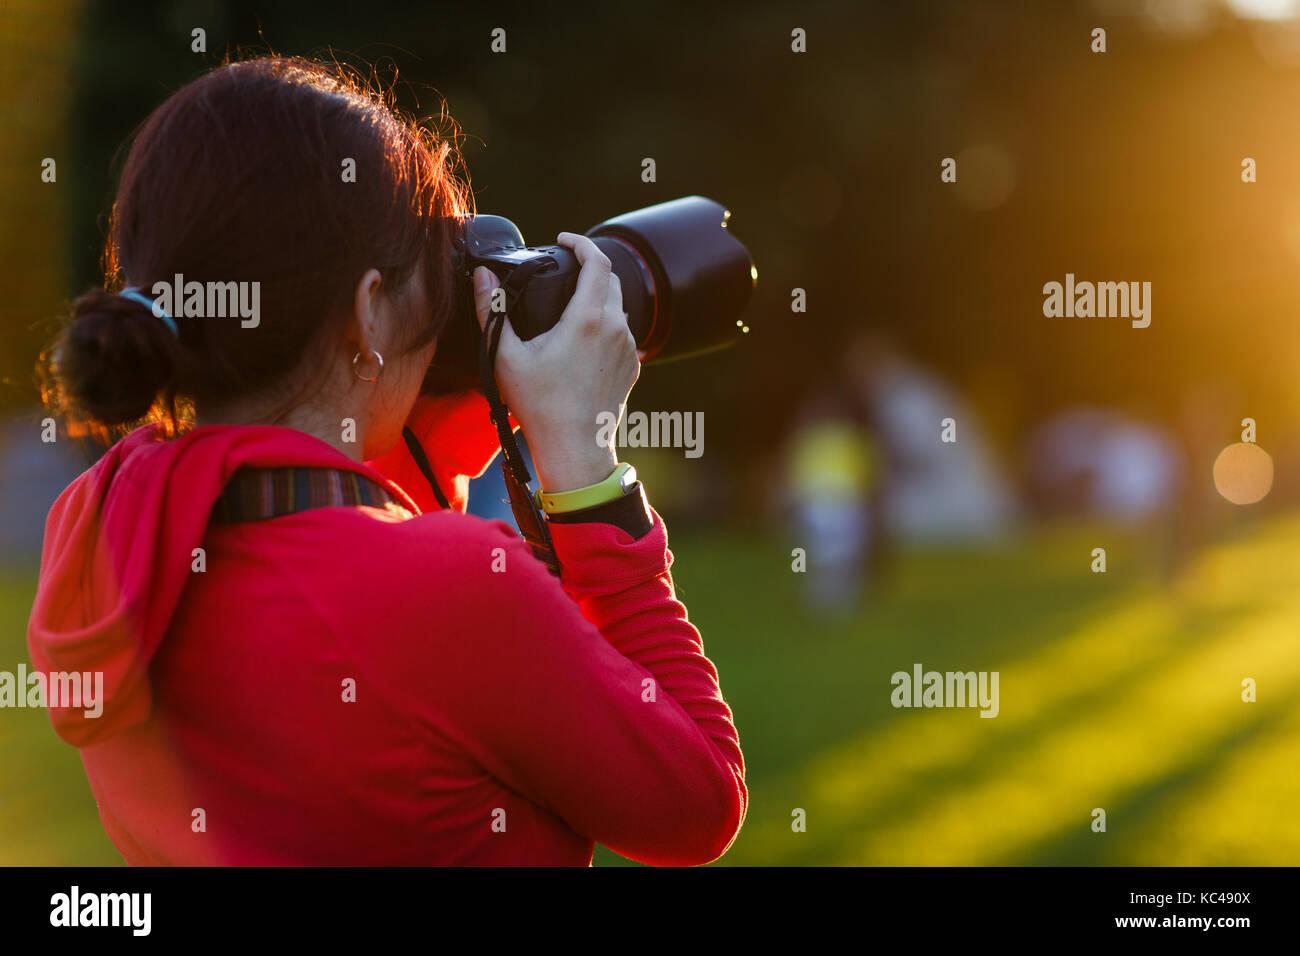 Foto di bruna con la fotocamera Immagini Stock